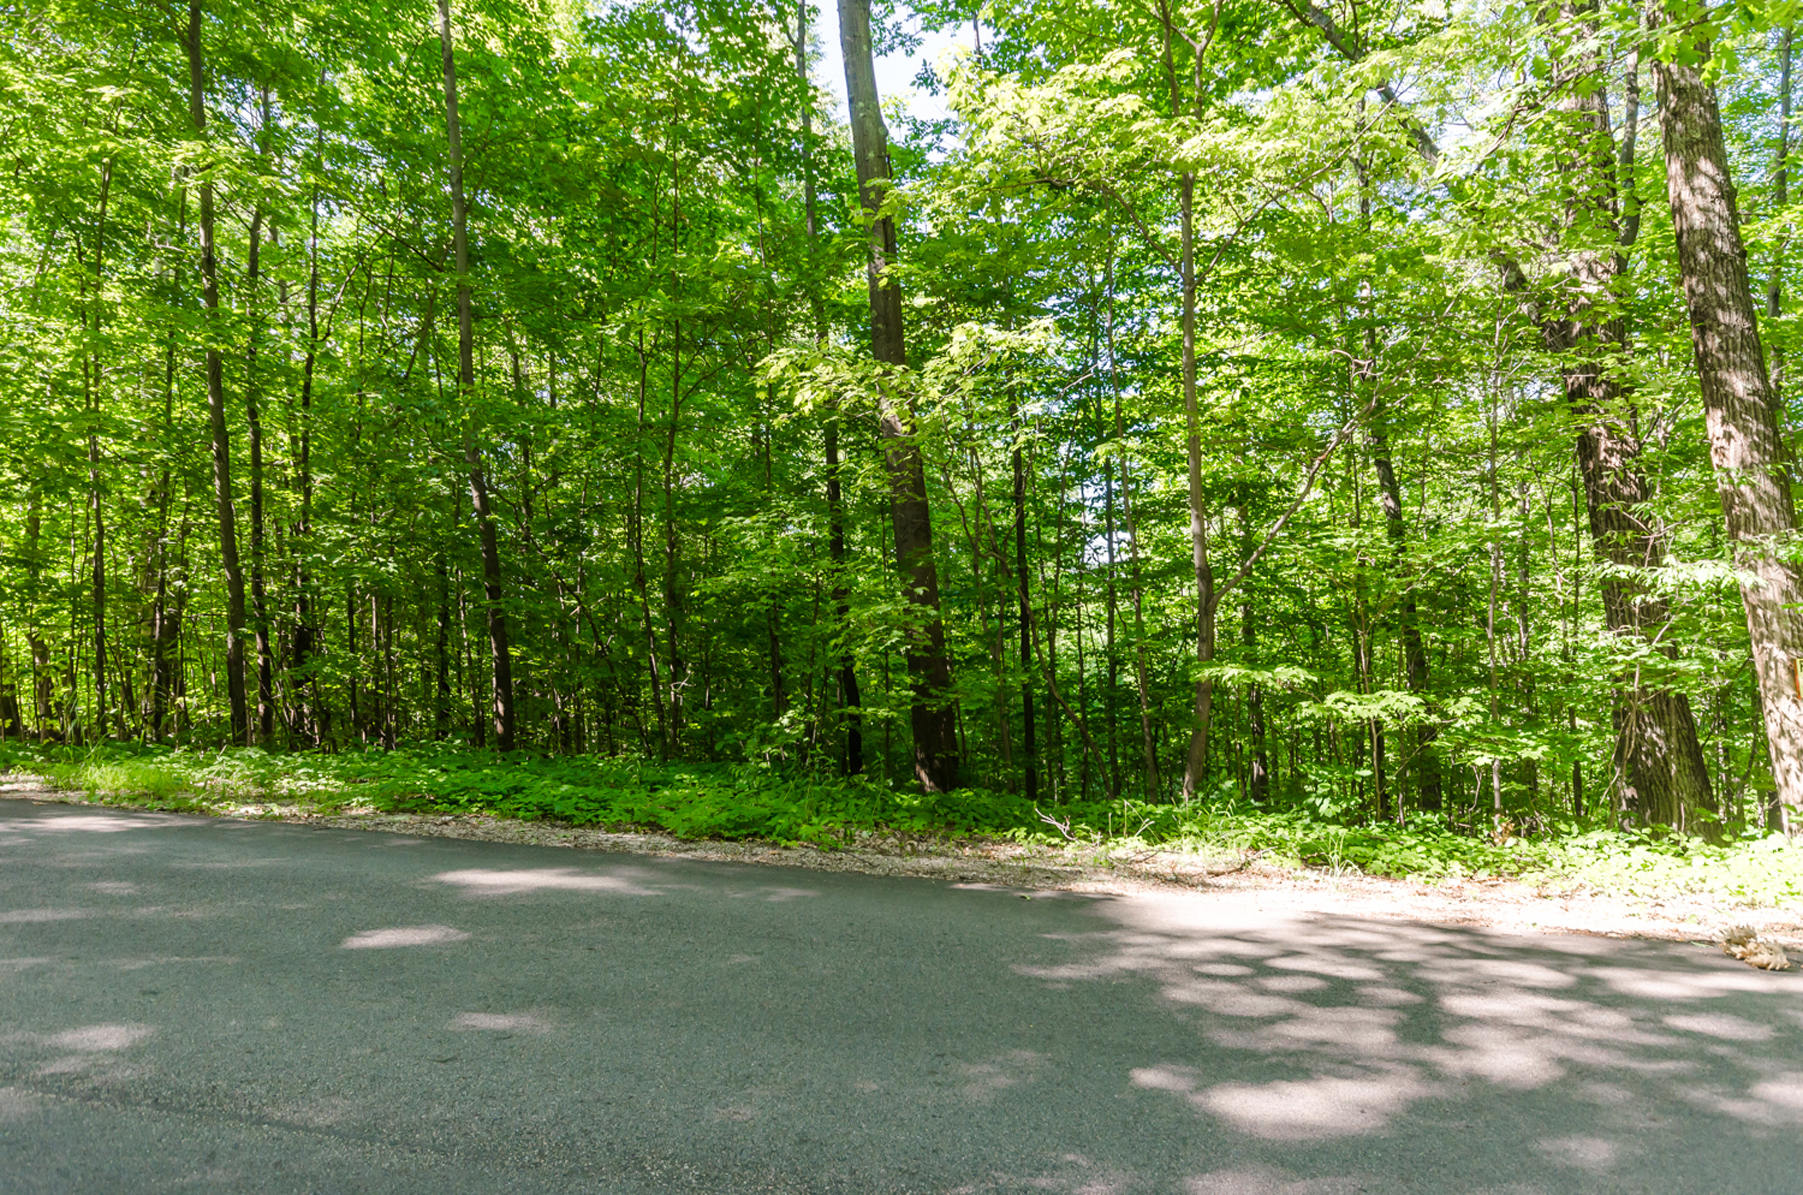 Đất đai vì Bán tại Lot 20 Mountain Rd, Francestown Francestown, New Hampshire, 03043 Hoa Kỳ